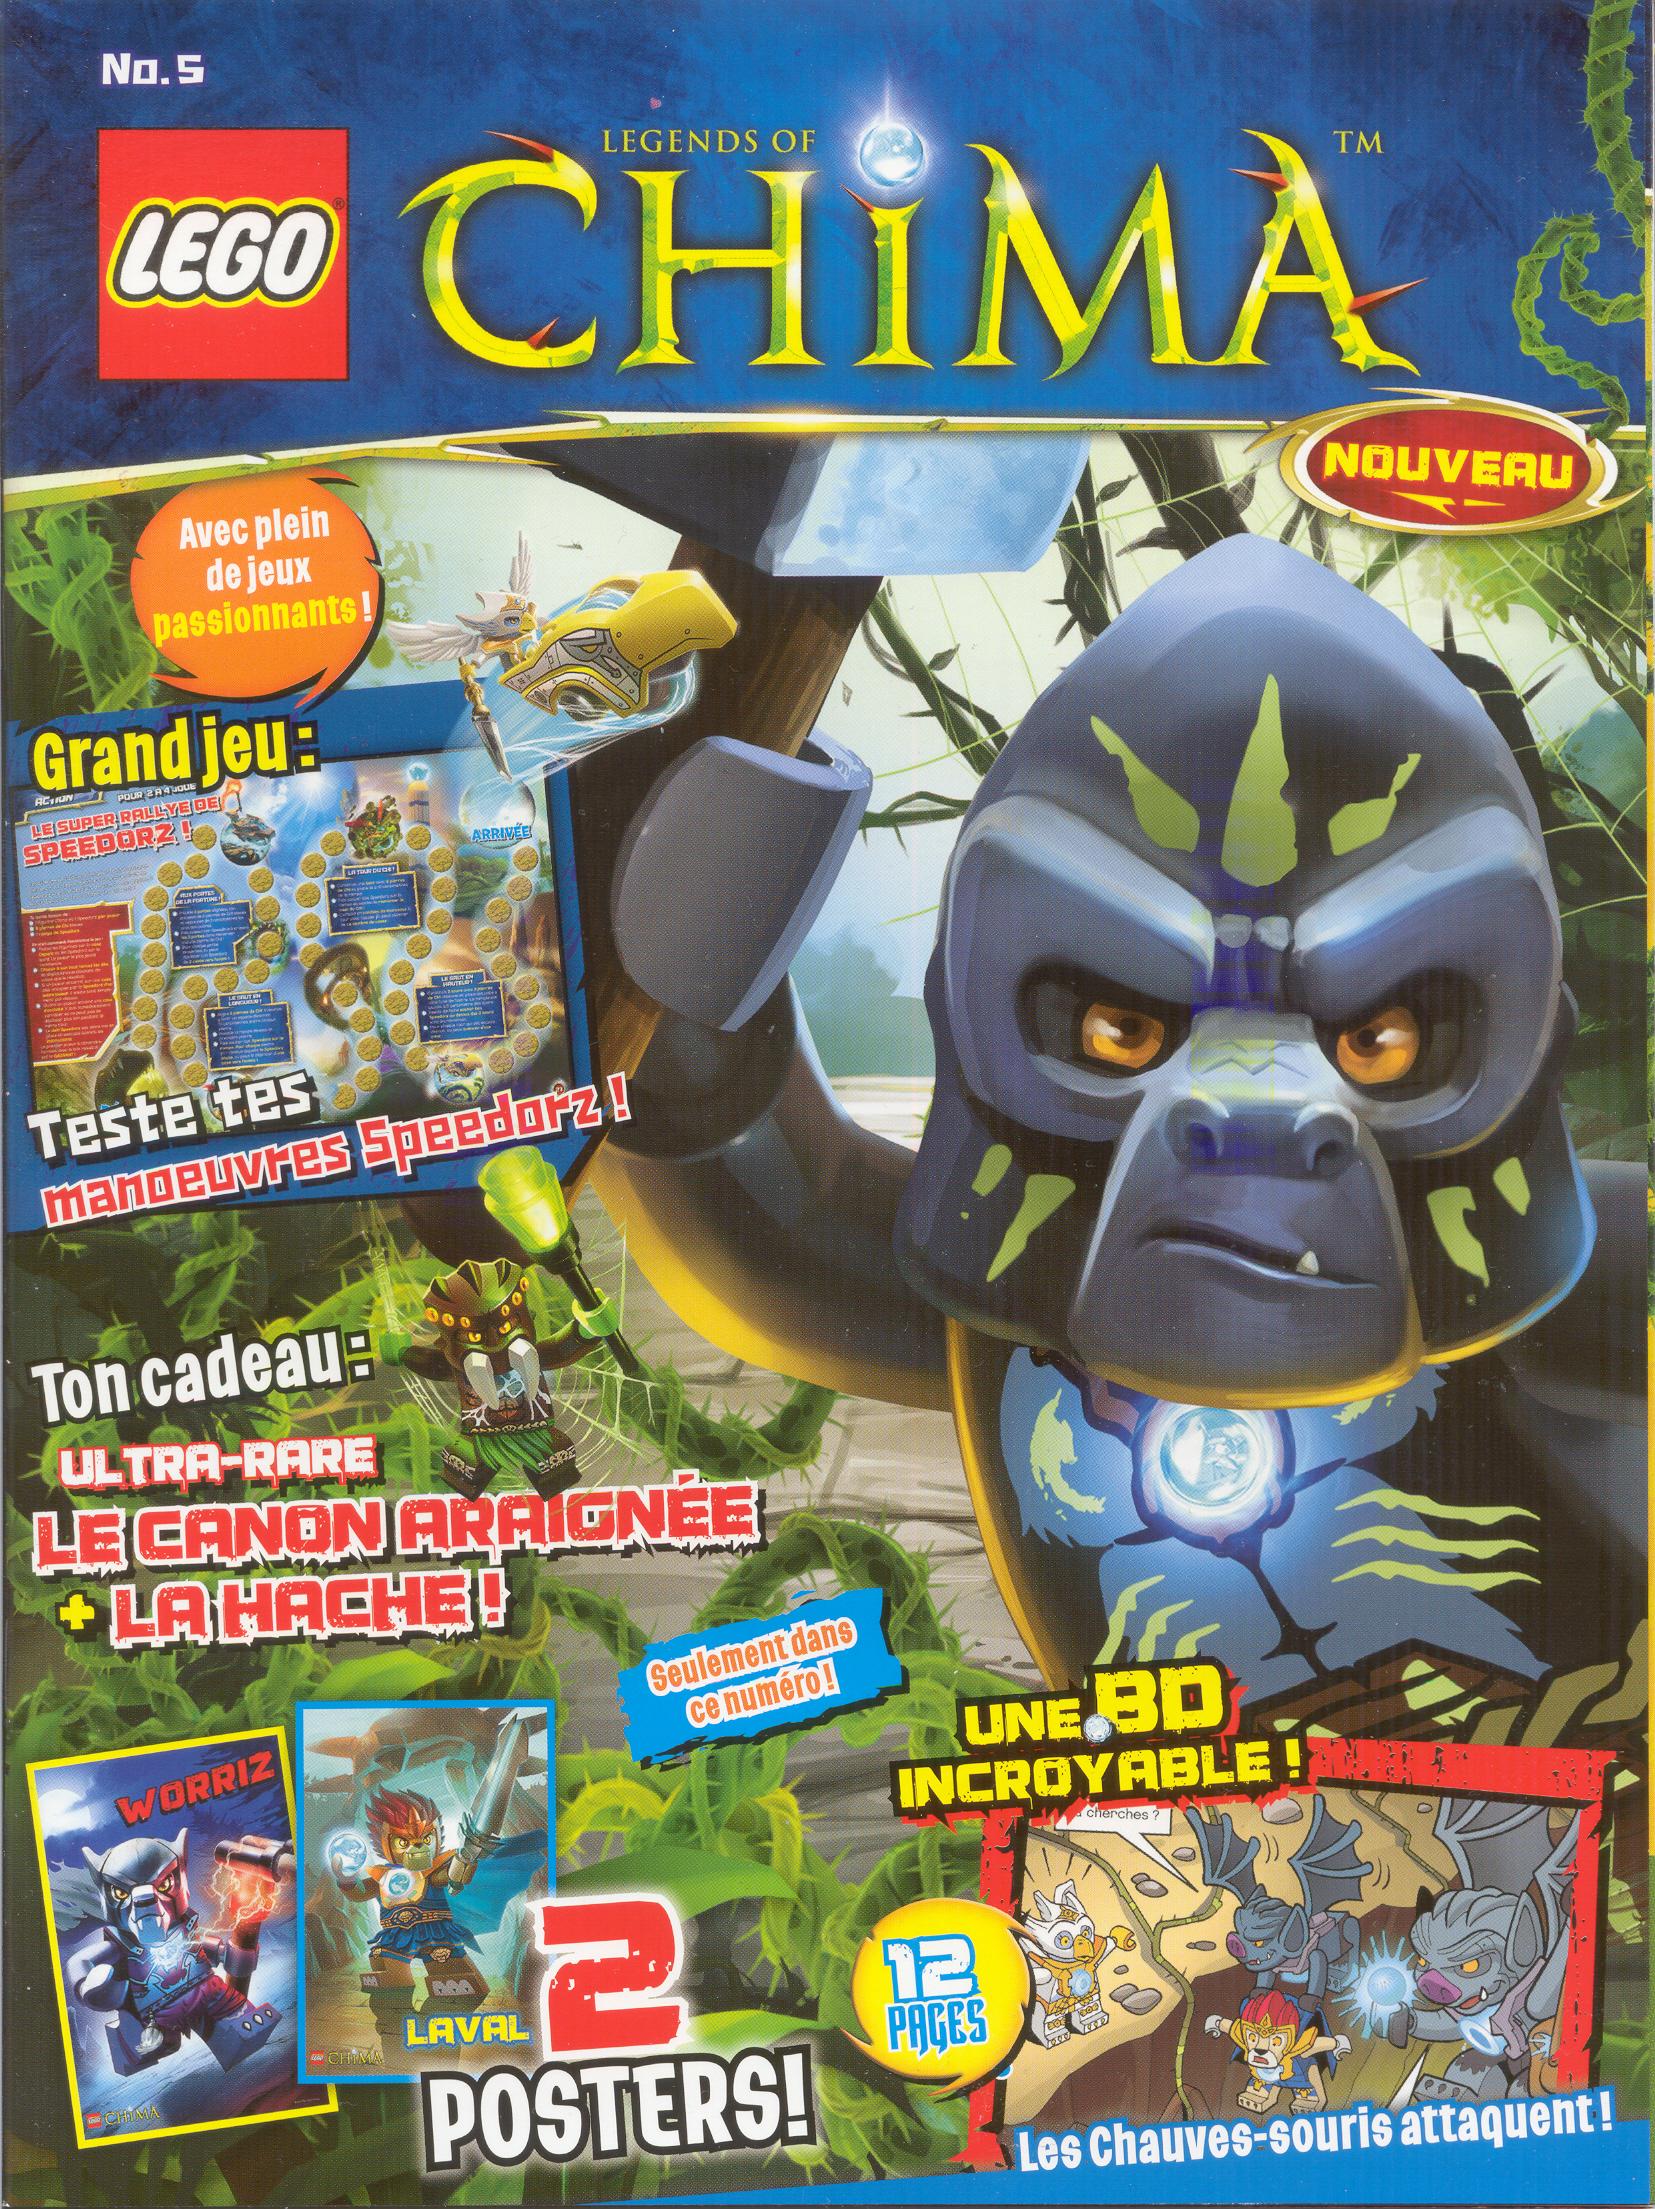 Lego chima 5 wiki lego fandom powered by wikia - Lego chima saison 2 ...